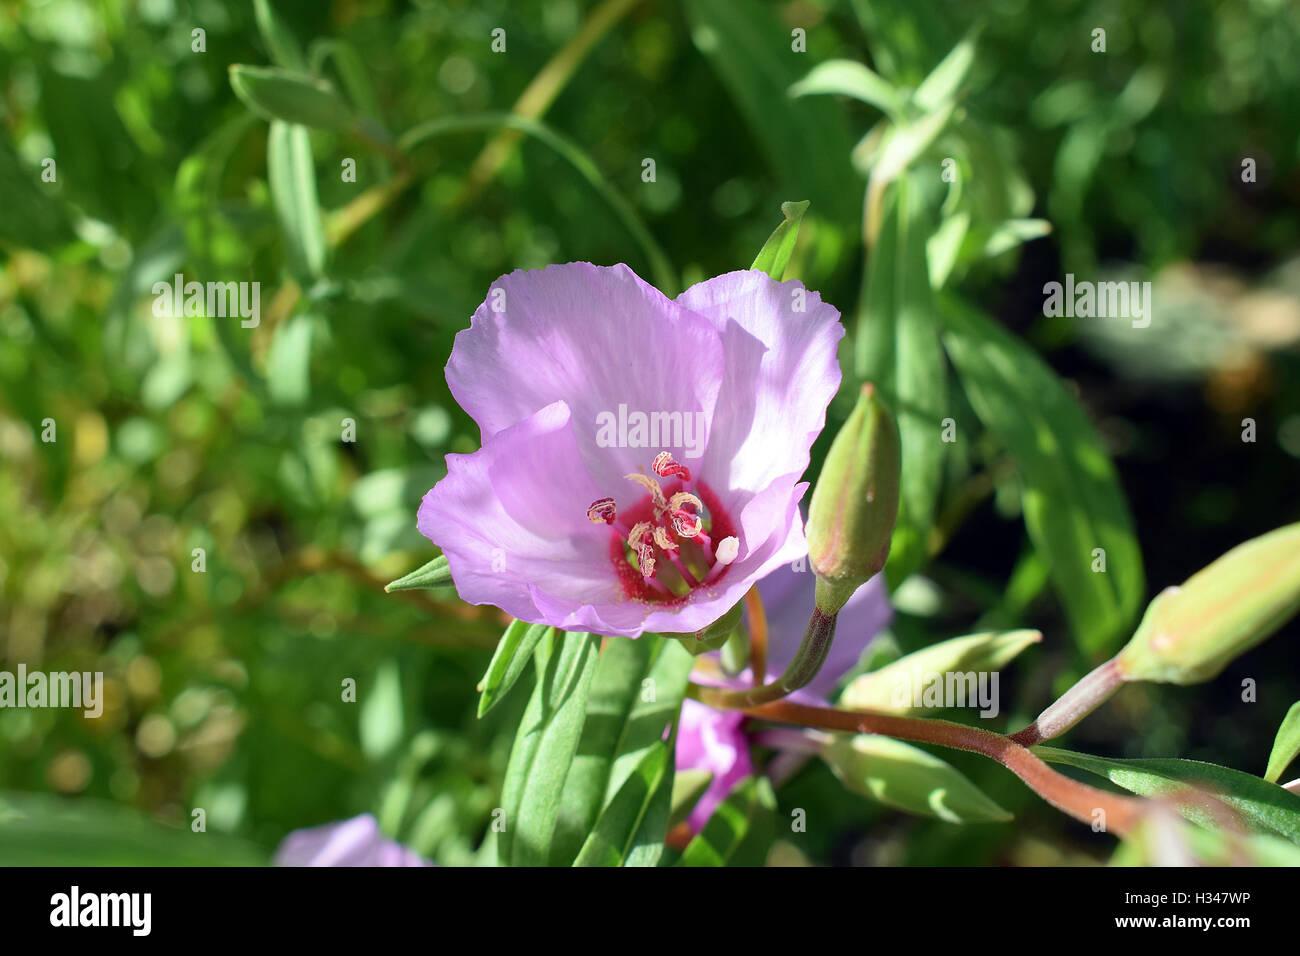 Clarkia amoena, also known as Farewell to spring or Godetia - Stock Image